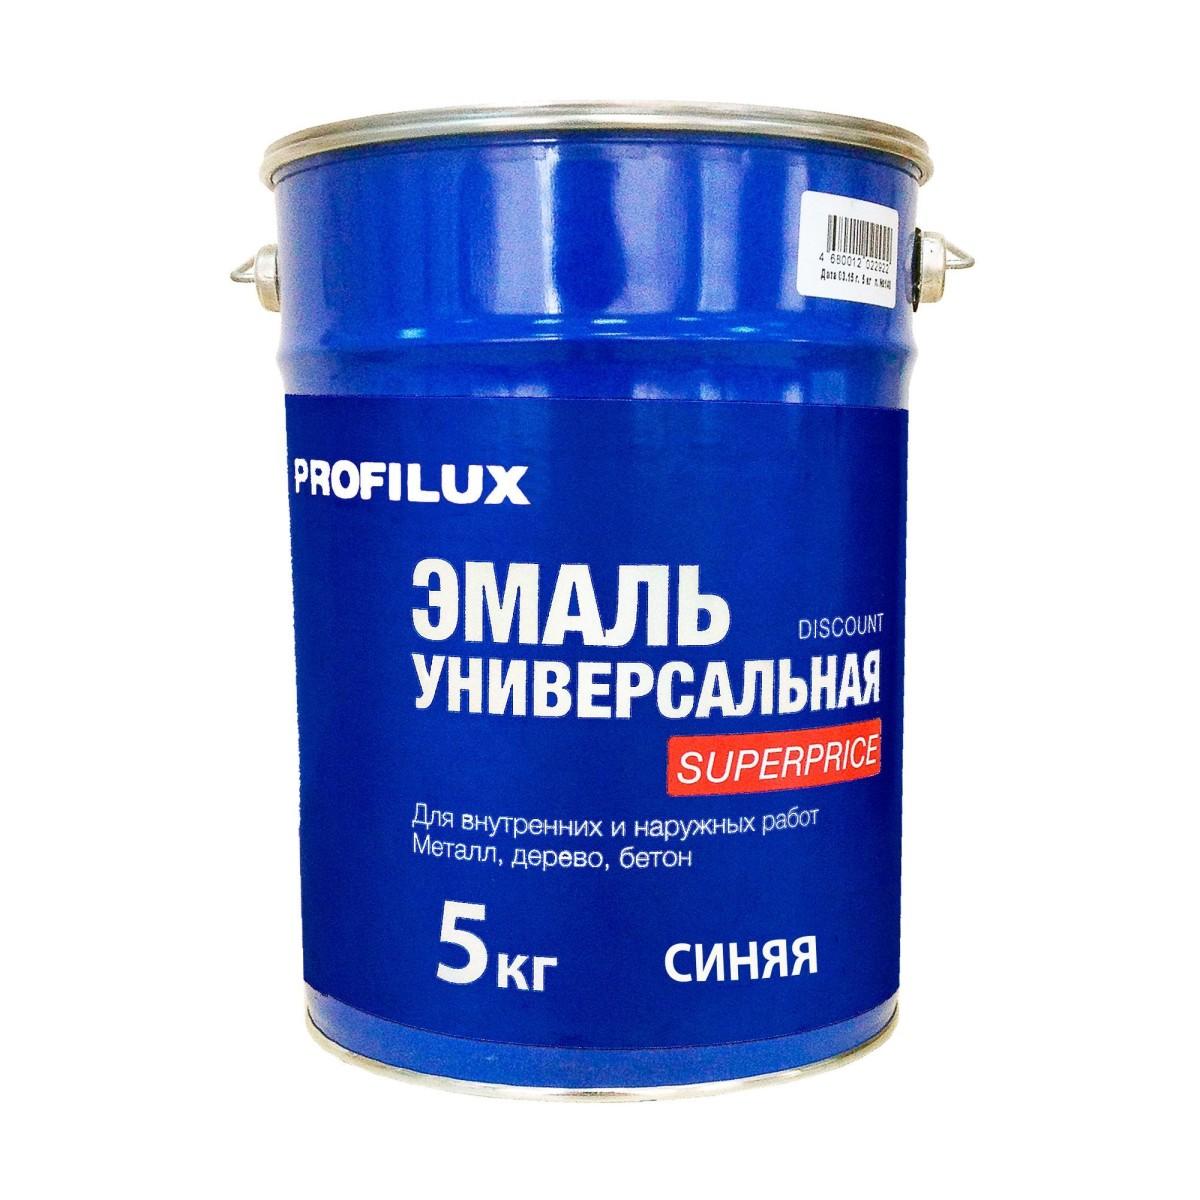 Профилюкс Эмаль Superprice цвет синий 5 кг